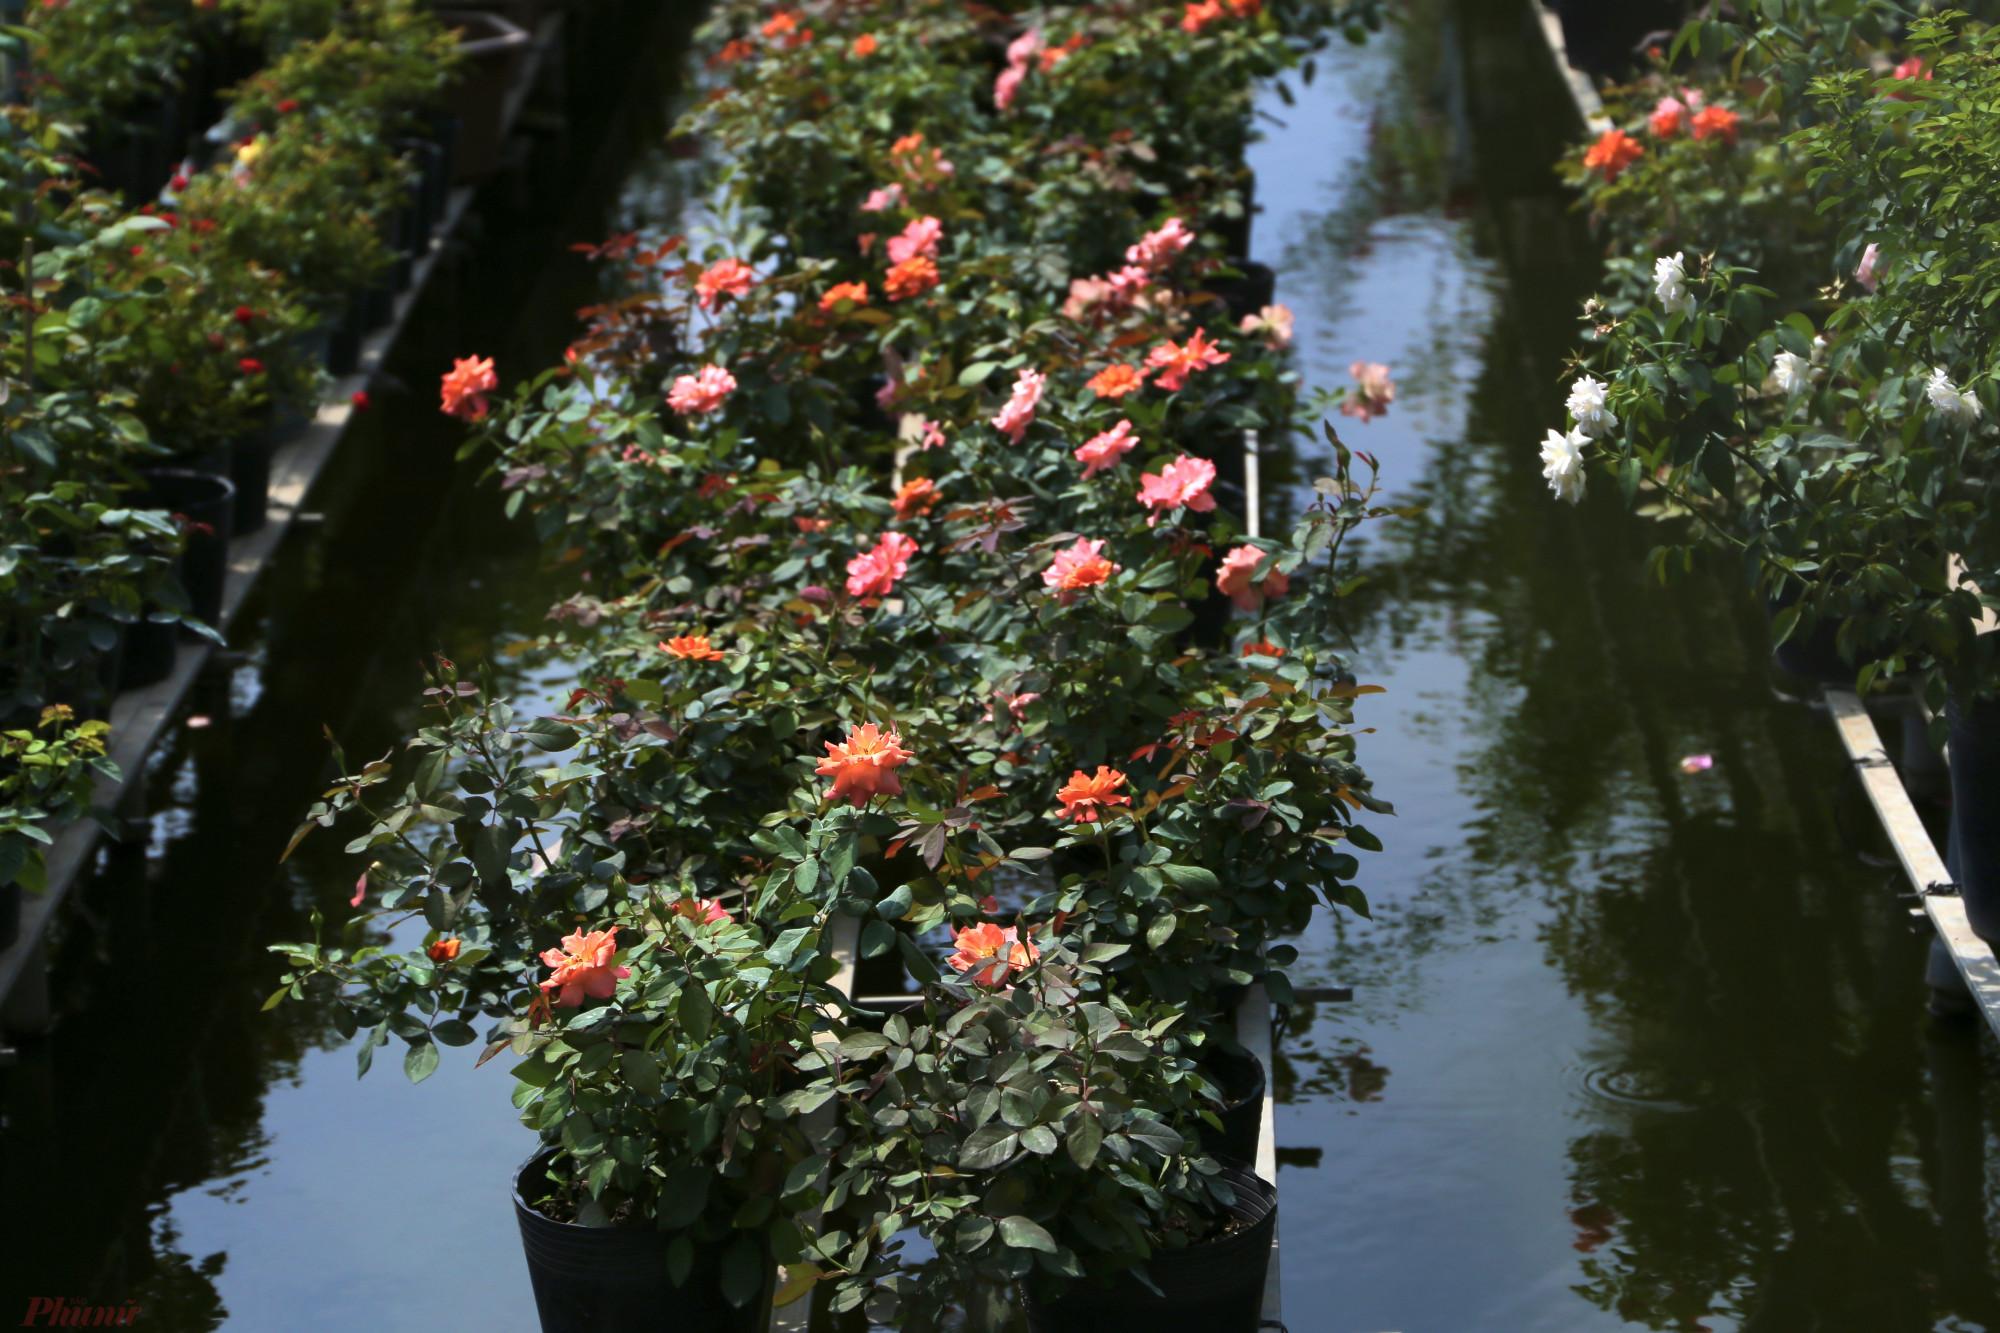 Nhắc đến Sa Đéc cũng không thể quên đi hoa hồng trứ danh. Hoa này có nhiều giống: hồng nhung, hồng tỉ mụi, hồng leo... Giá của chúng từ vài chục nghìn/cặp nhỏ đến vài triệu đồng đối với những giống hồng leo.